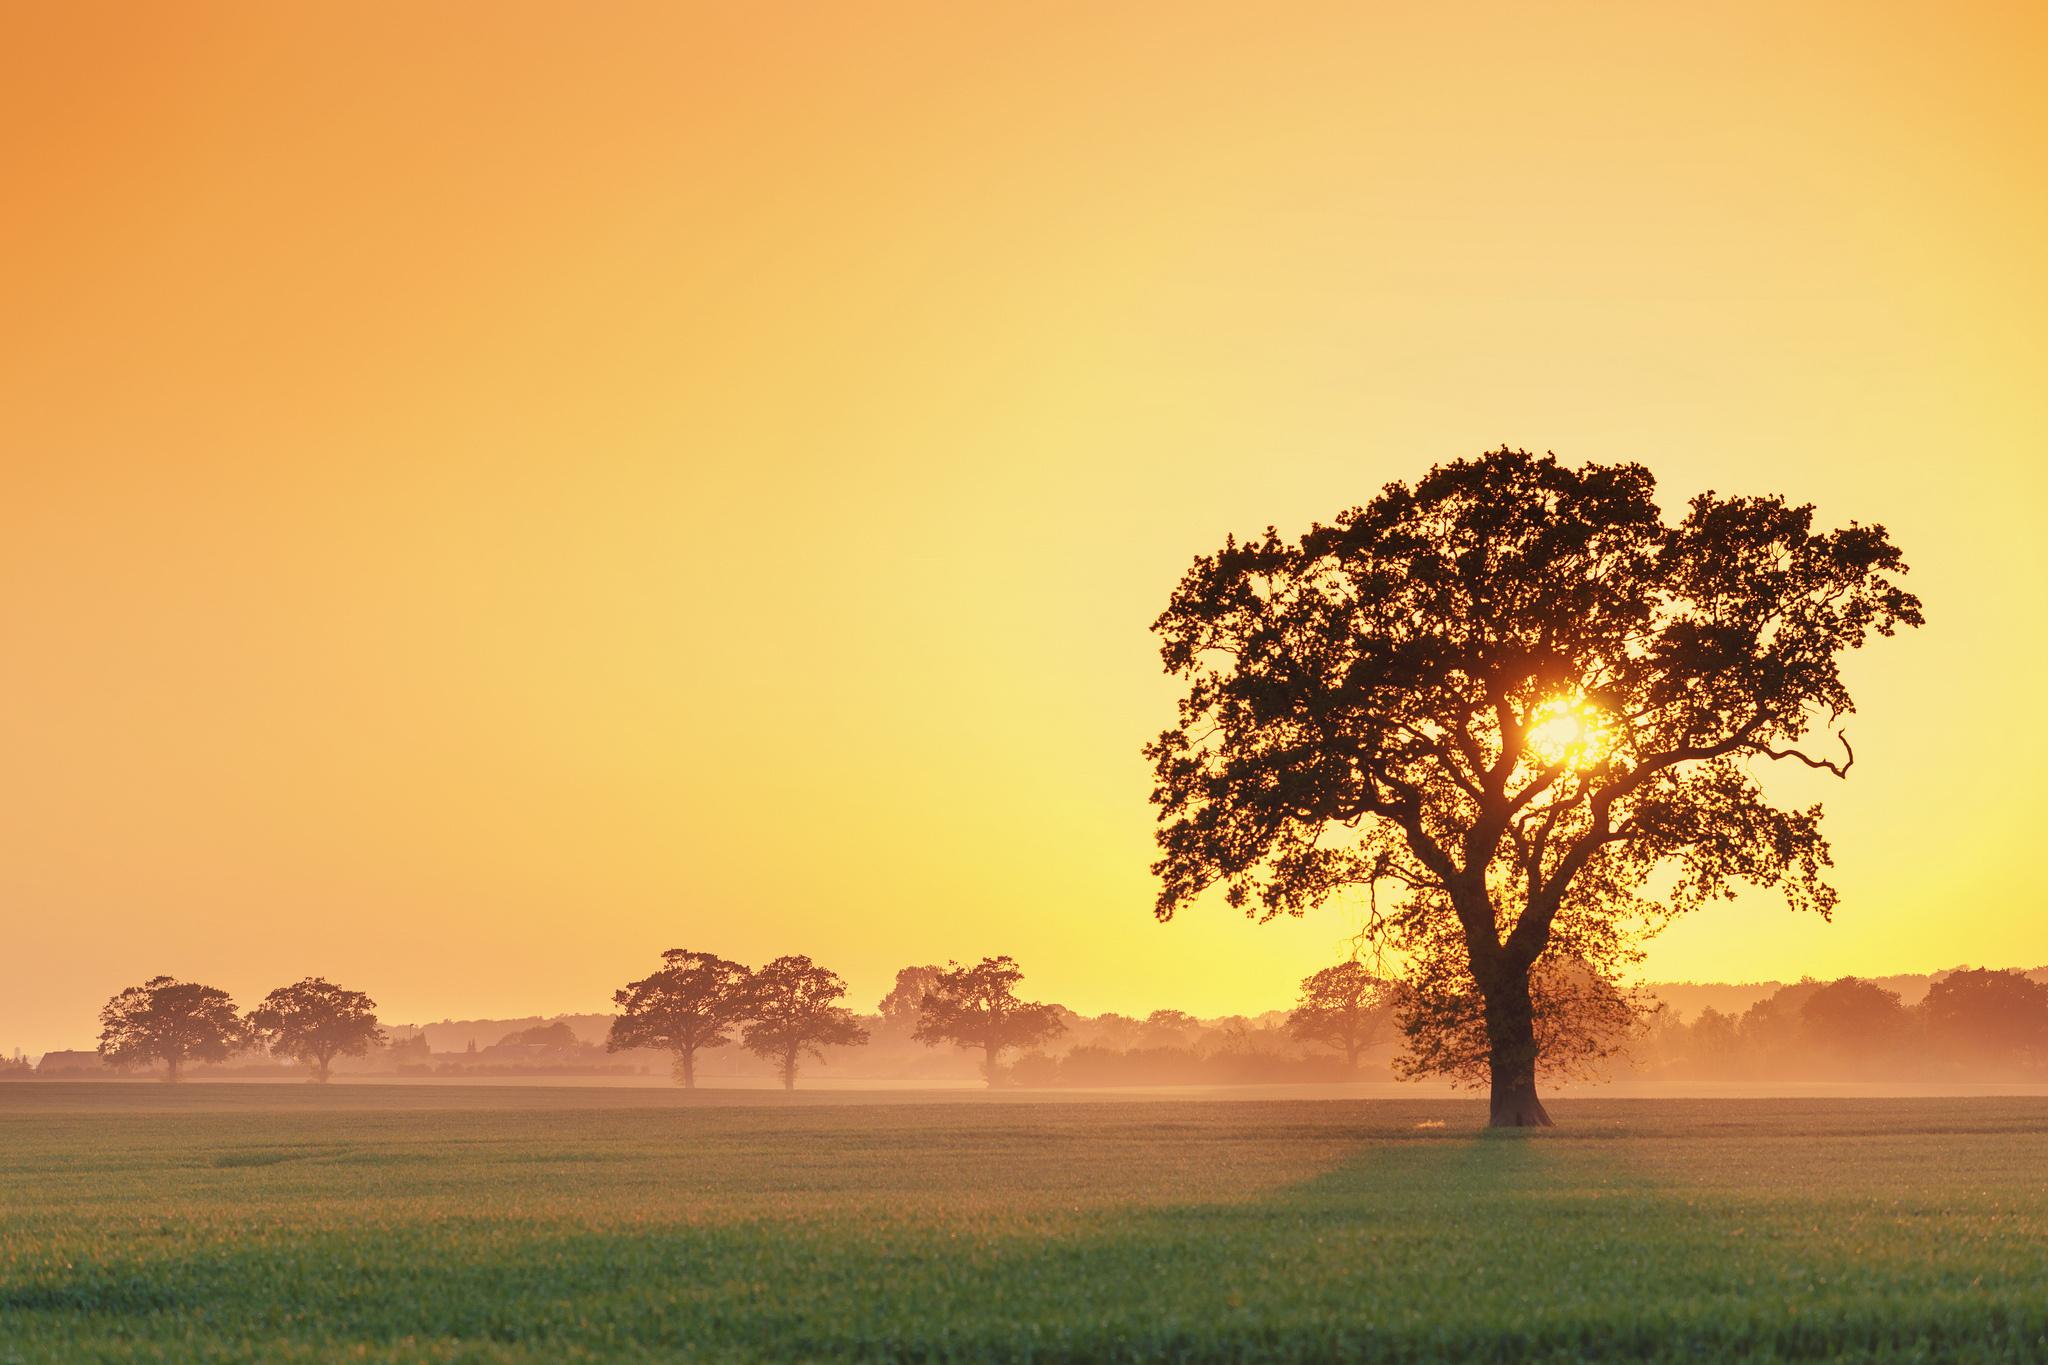 природа закат солнце деревья без смс